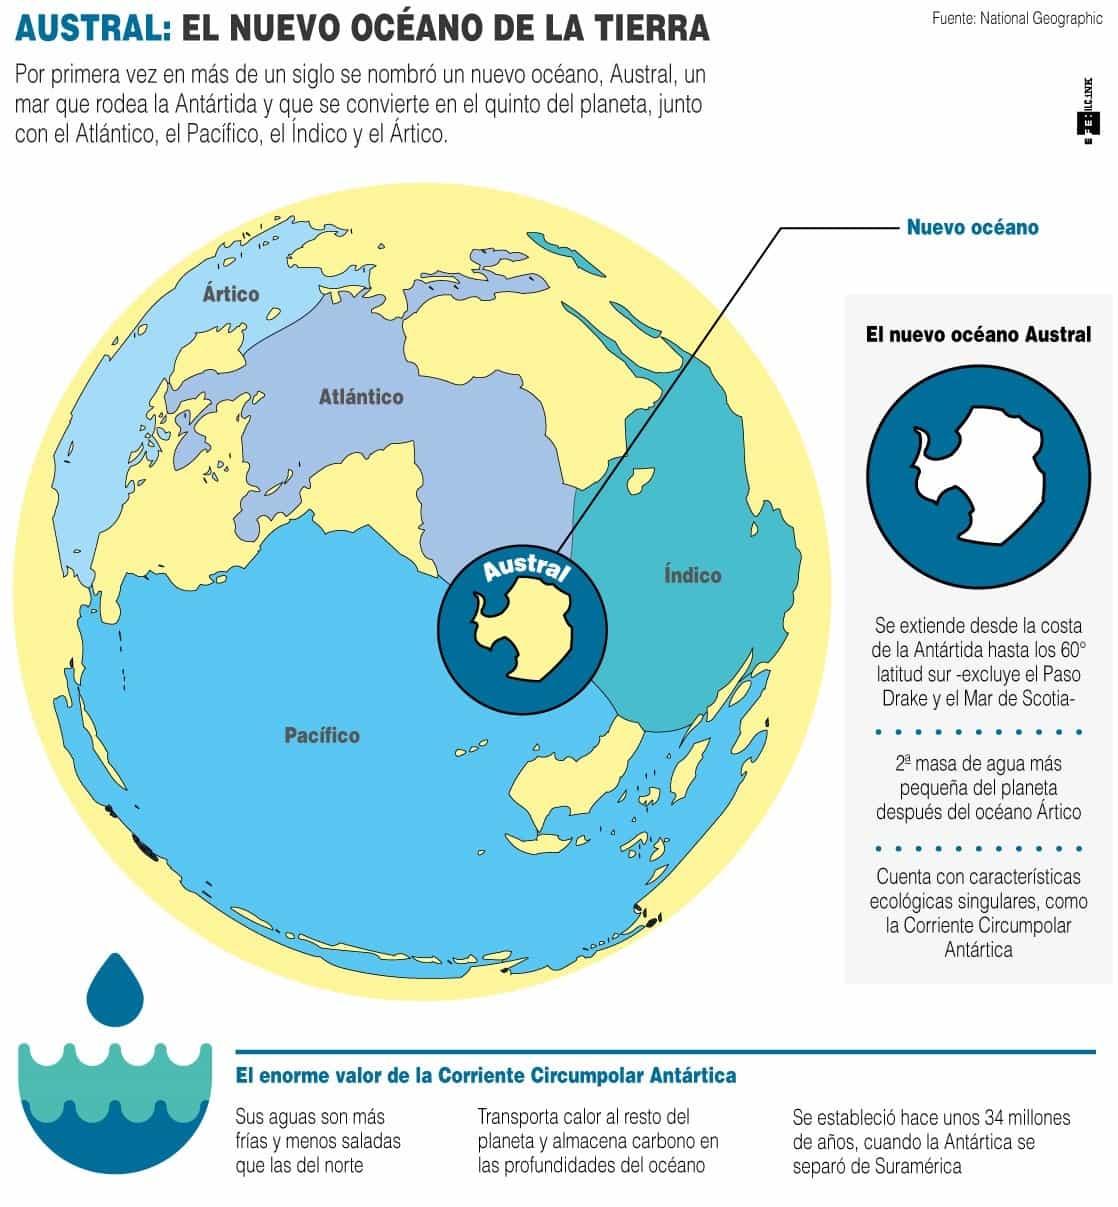 [Infografía] Hay un nuevo océano: el Austral 1